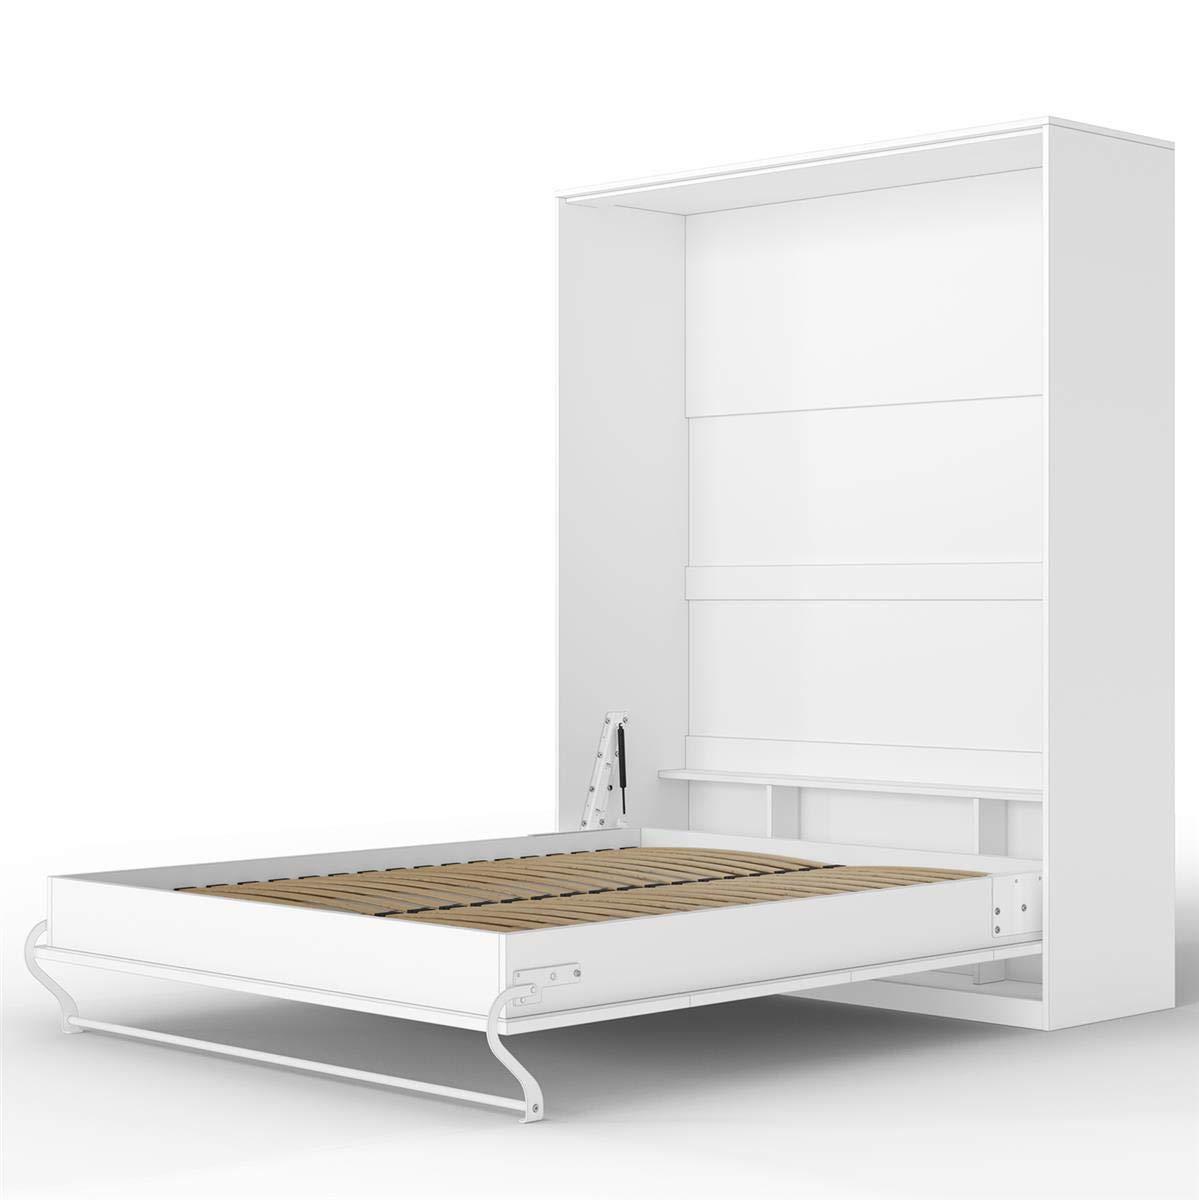 venta caliente blanco SMARTBett Standard Cama abatible Cama Plegable Cama Cama Cama de Parojo (Antracita blanco Brillante, 90 x 200 cm verdeical) 160 x 200 cm verdeical Confort  70% de descuento